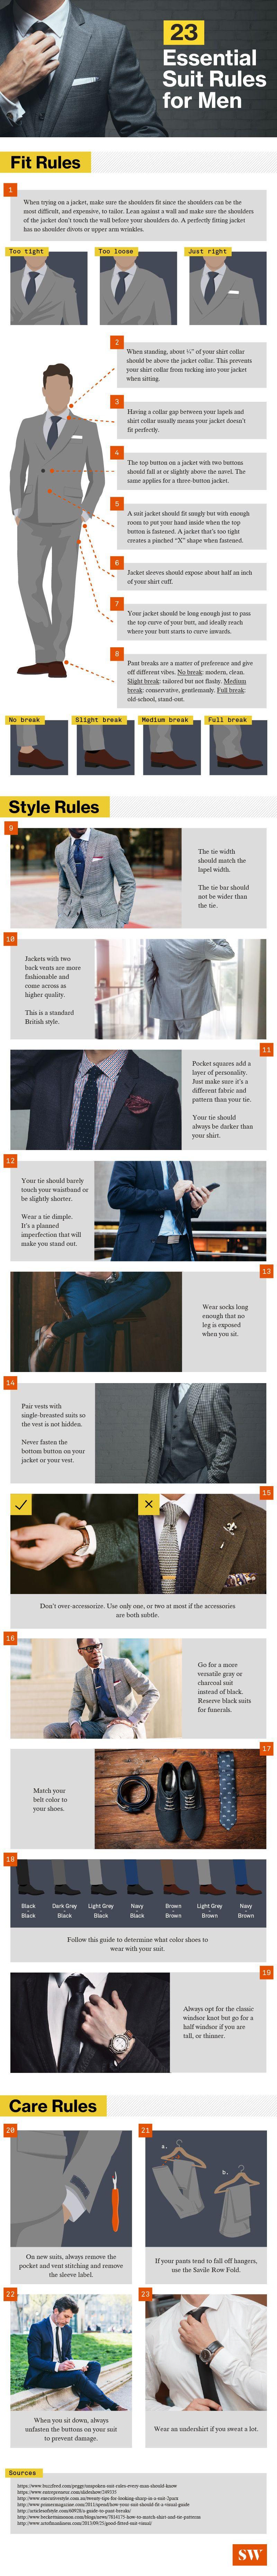 23 Essential Suit Rules for Men - Imgur